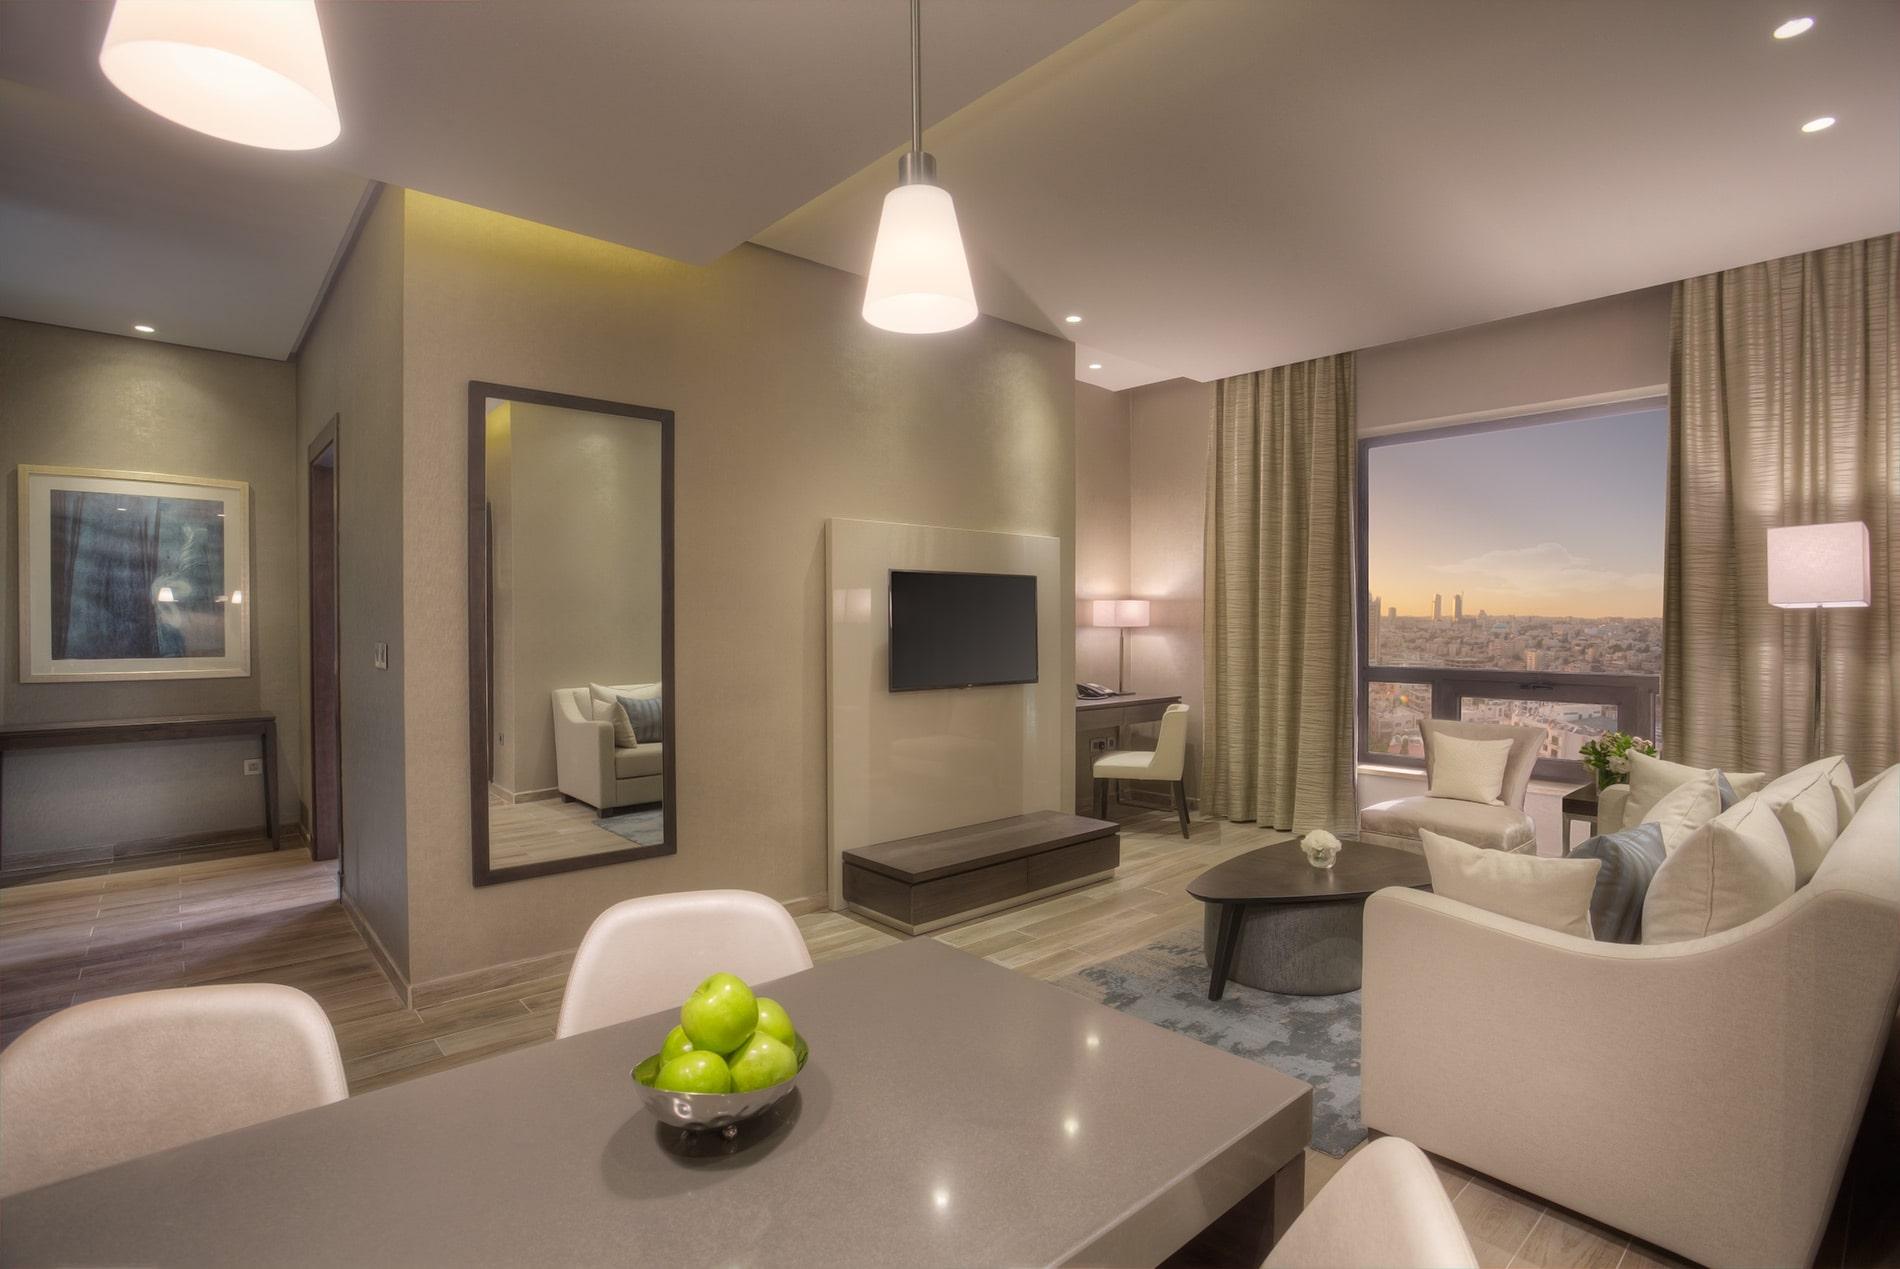 unitrips-jordanie-the-house-boutique-suites-Double-room-Studio-min